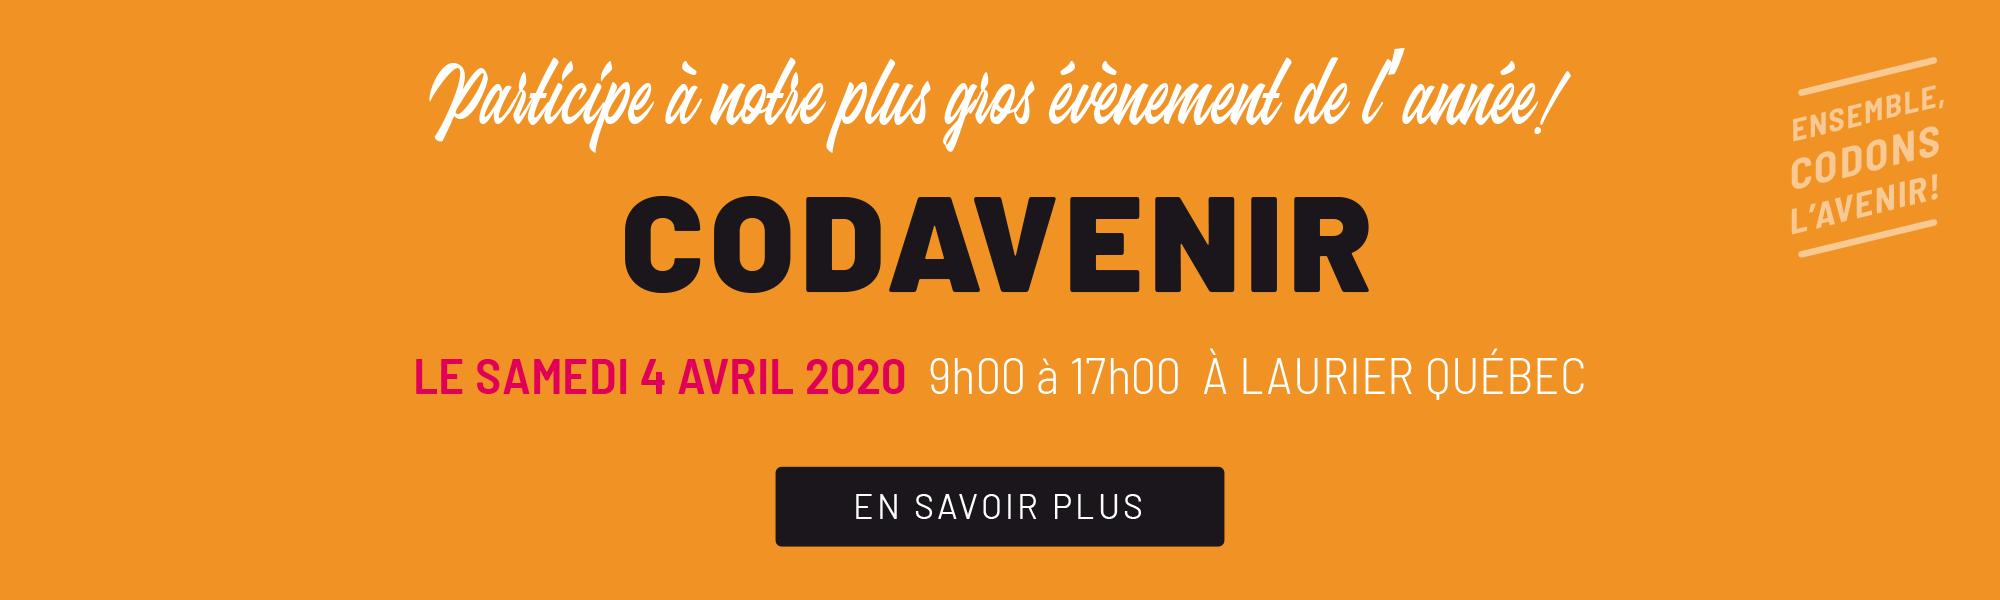 Participe à notre plus gros événement de l'années! Codavenir, le samedi 4 avril 2020 de 9 à 17 heures à Laurier Québec. Ensemble codons l'avenir. Cliquer pour en savoir plus.